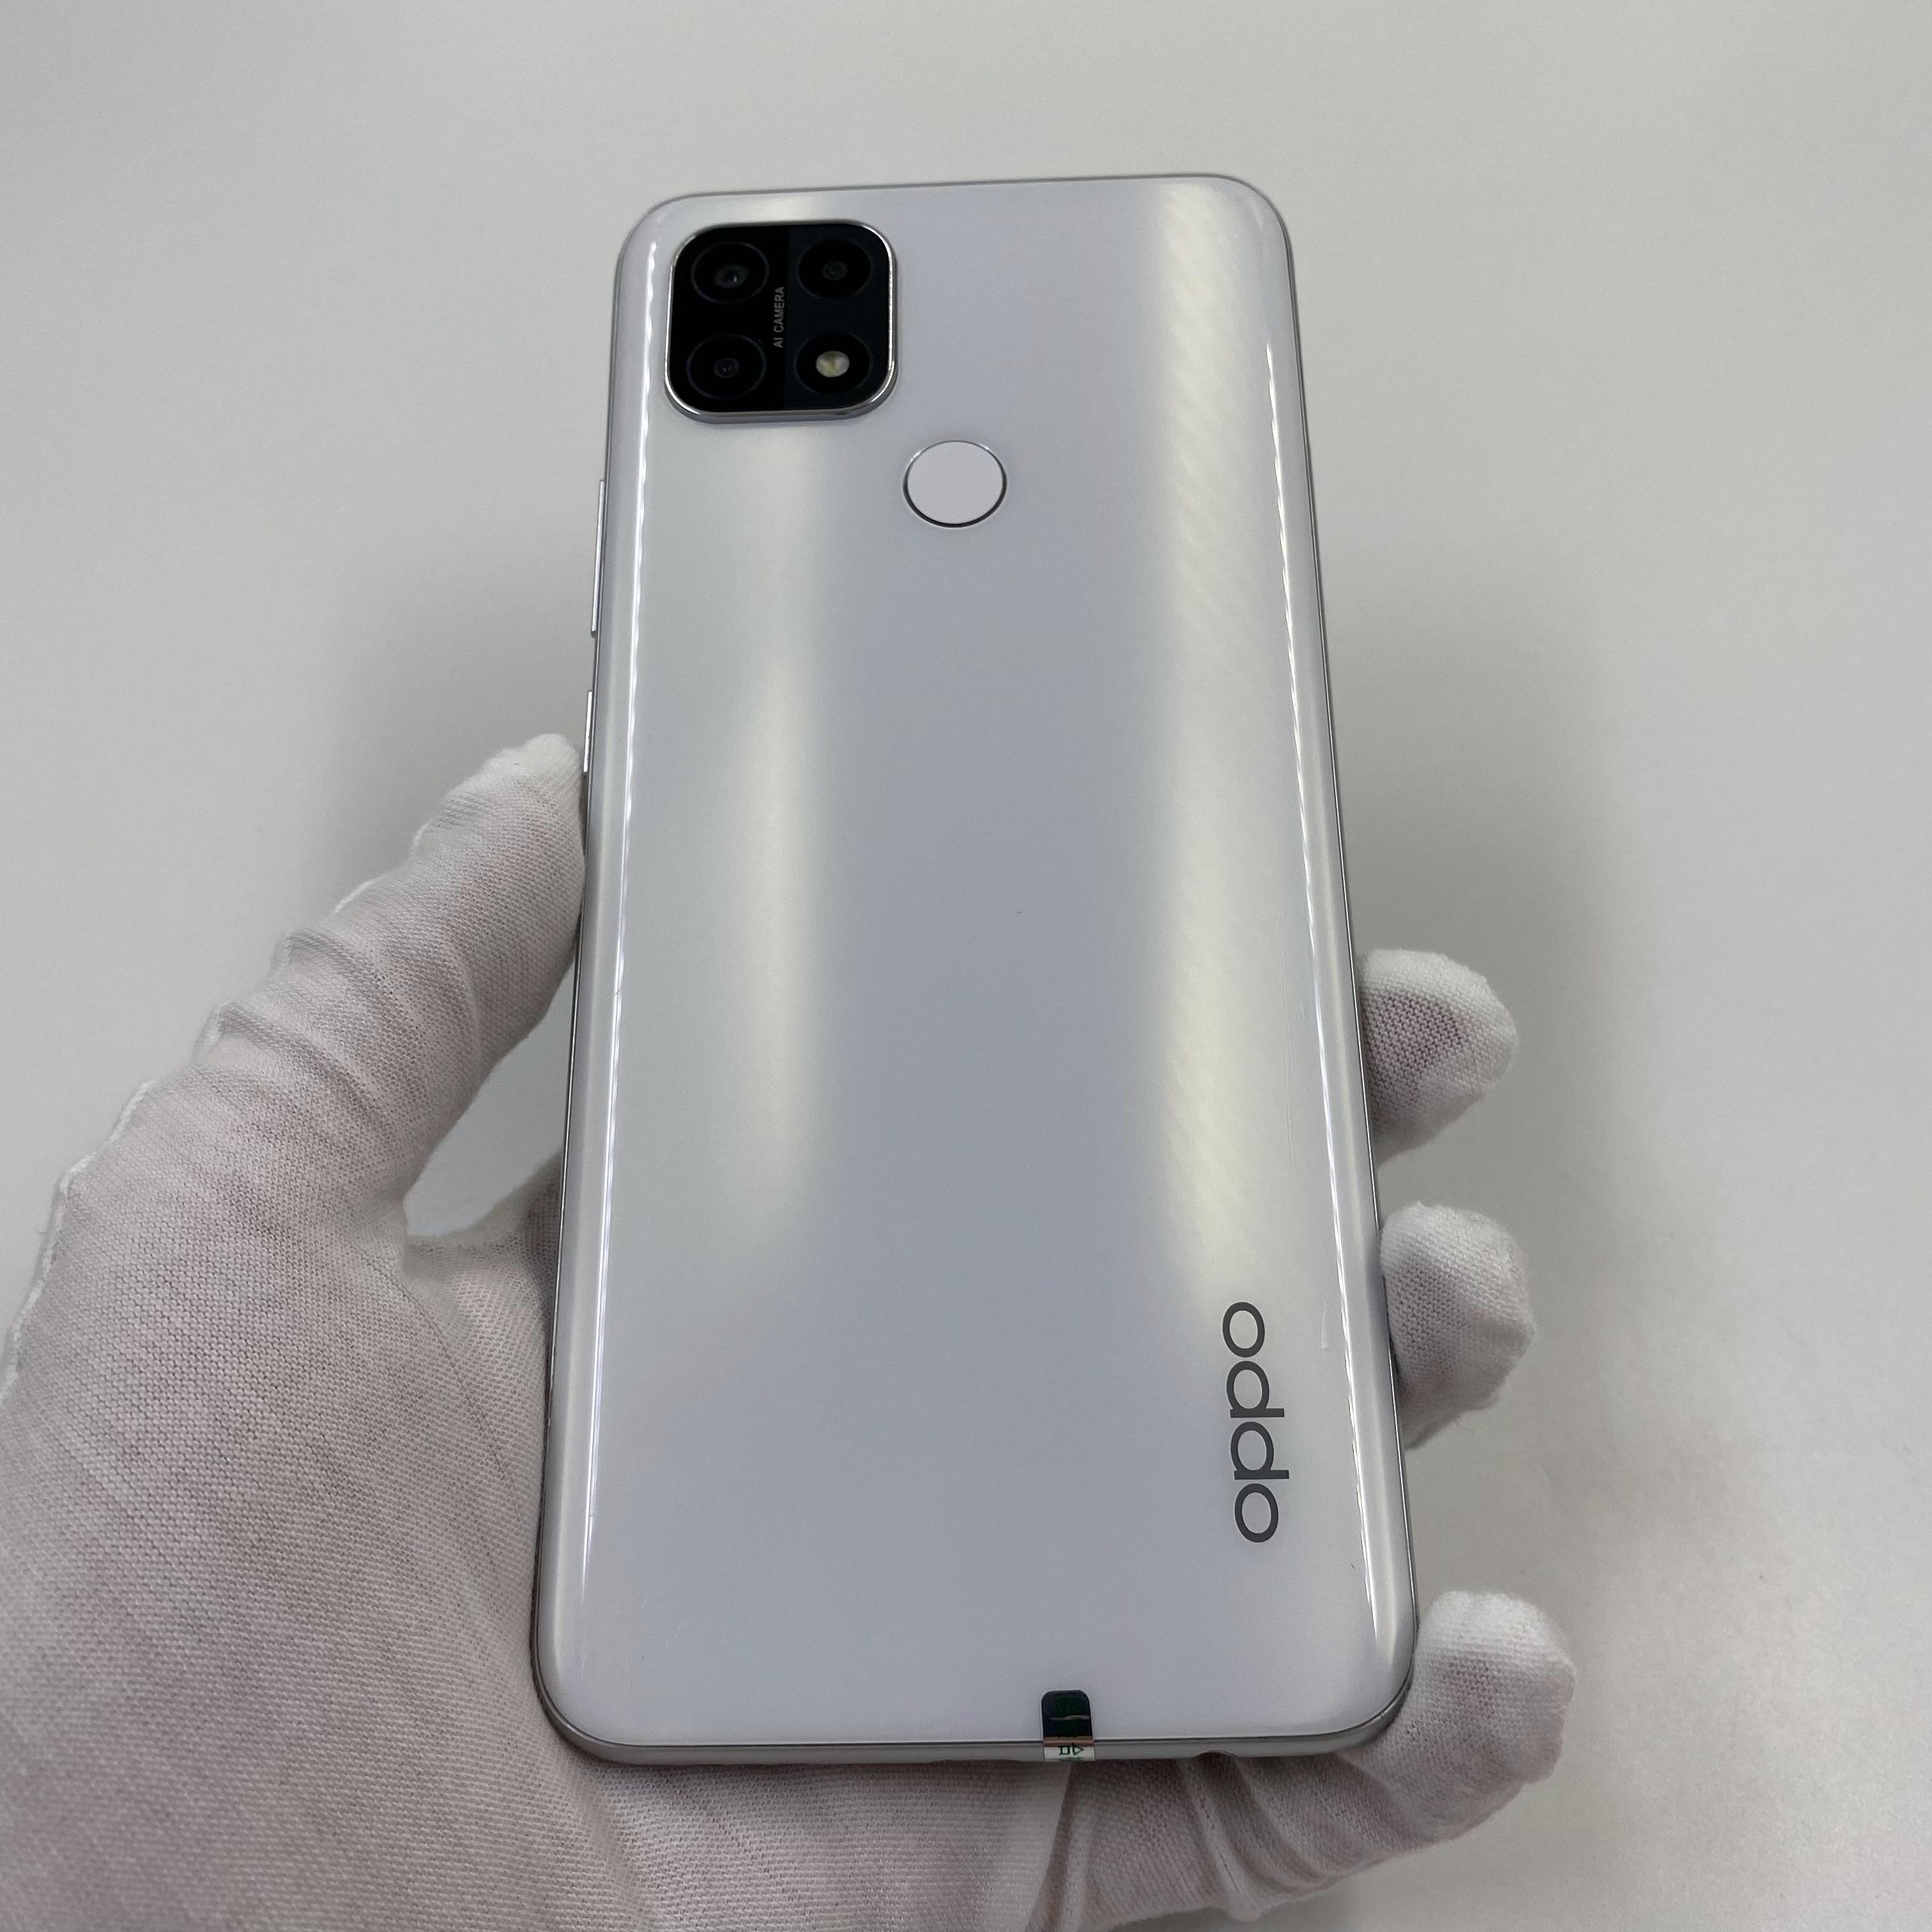 oppo【A35】4G全网通 冰玉白 4G/128G 国行 95新 真机实拍